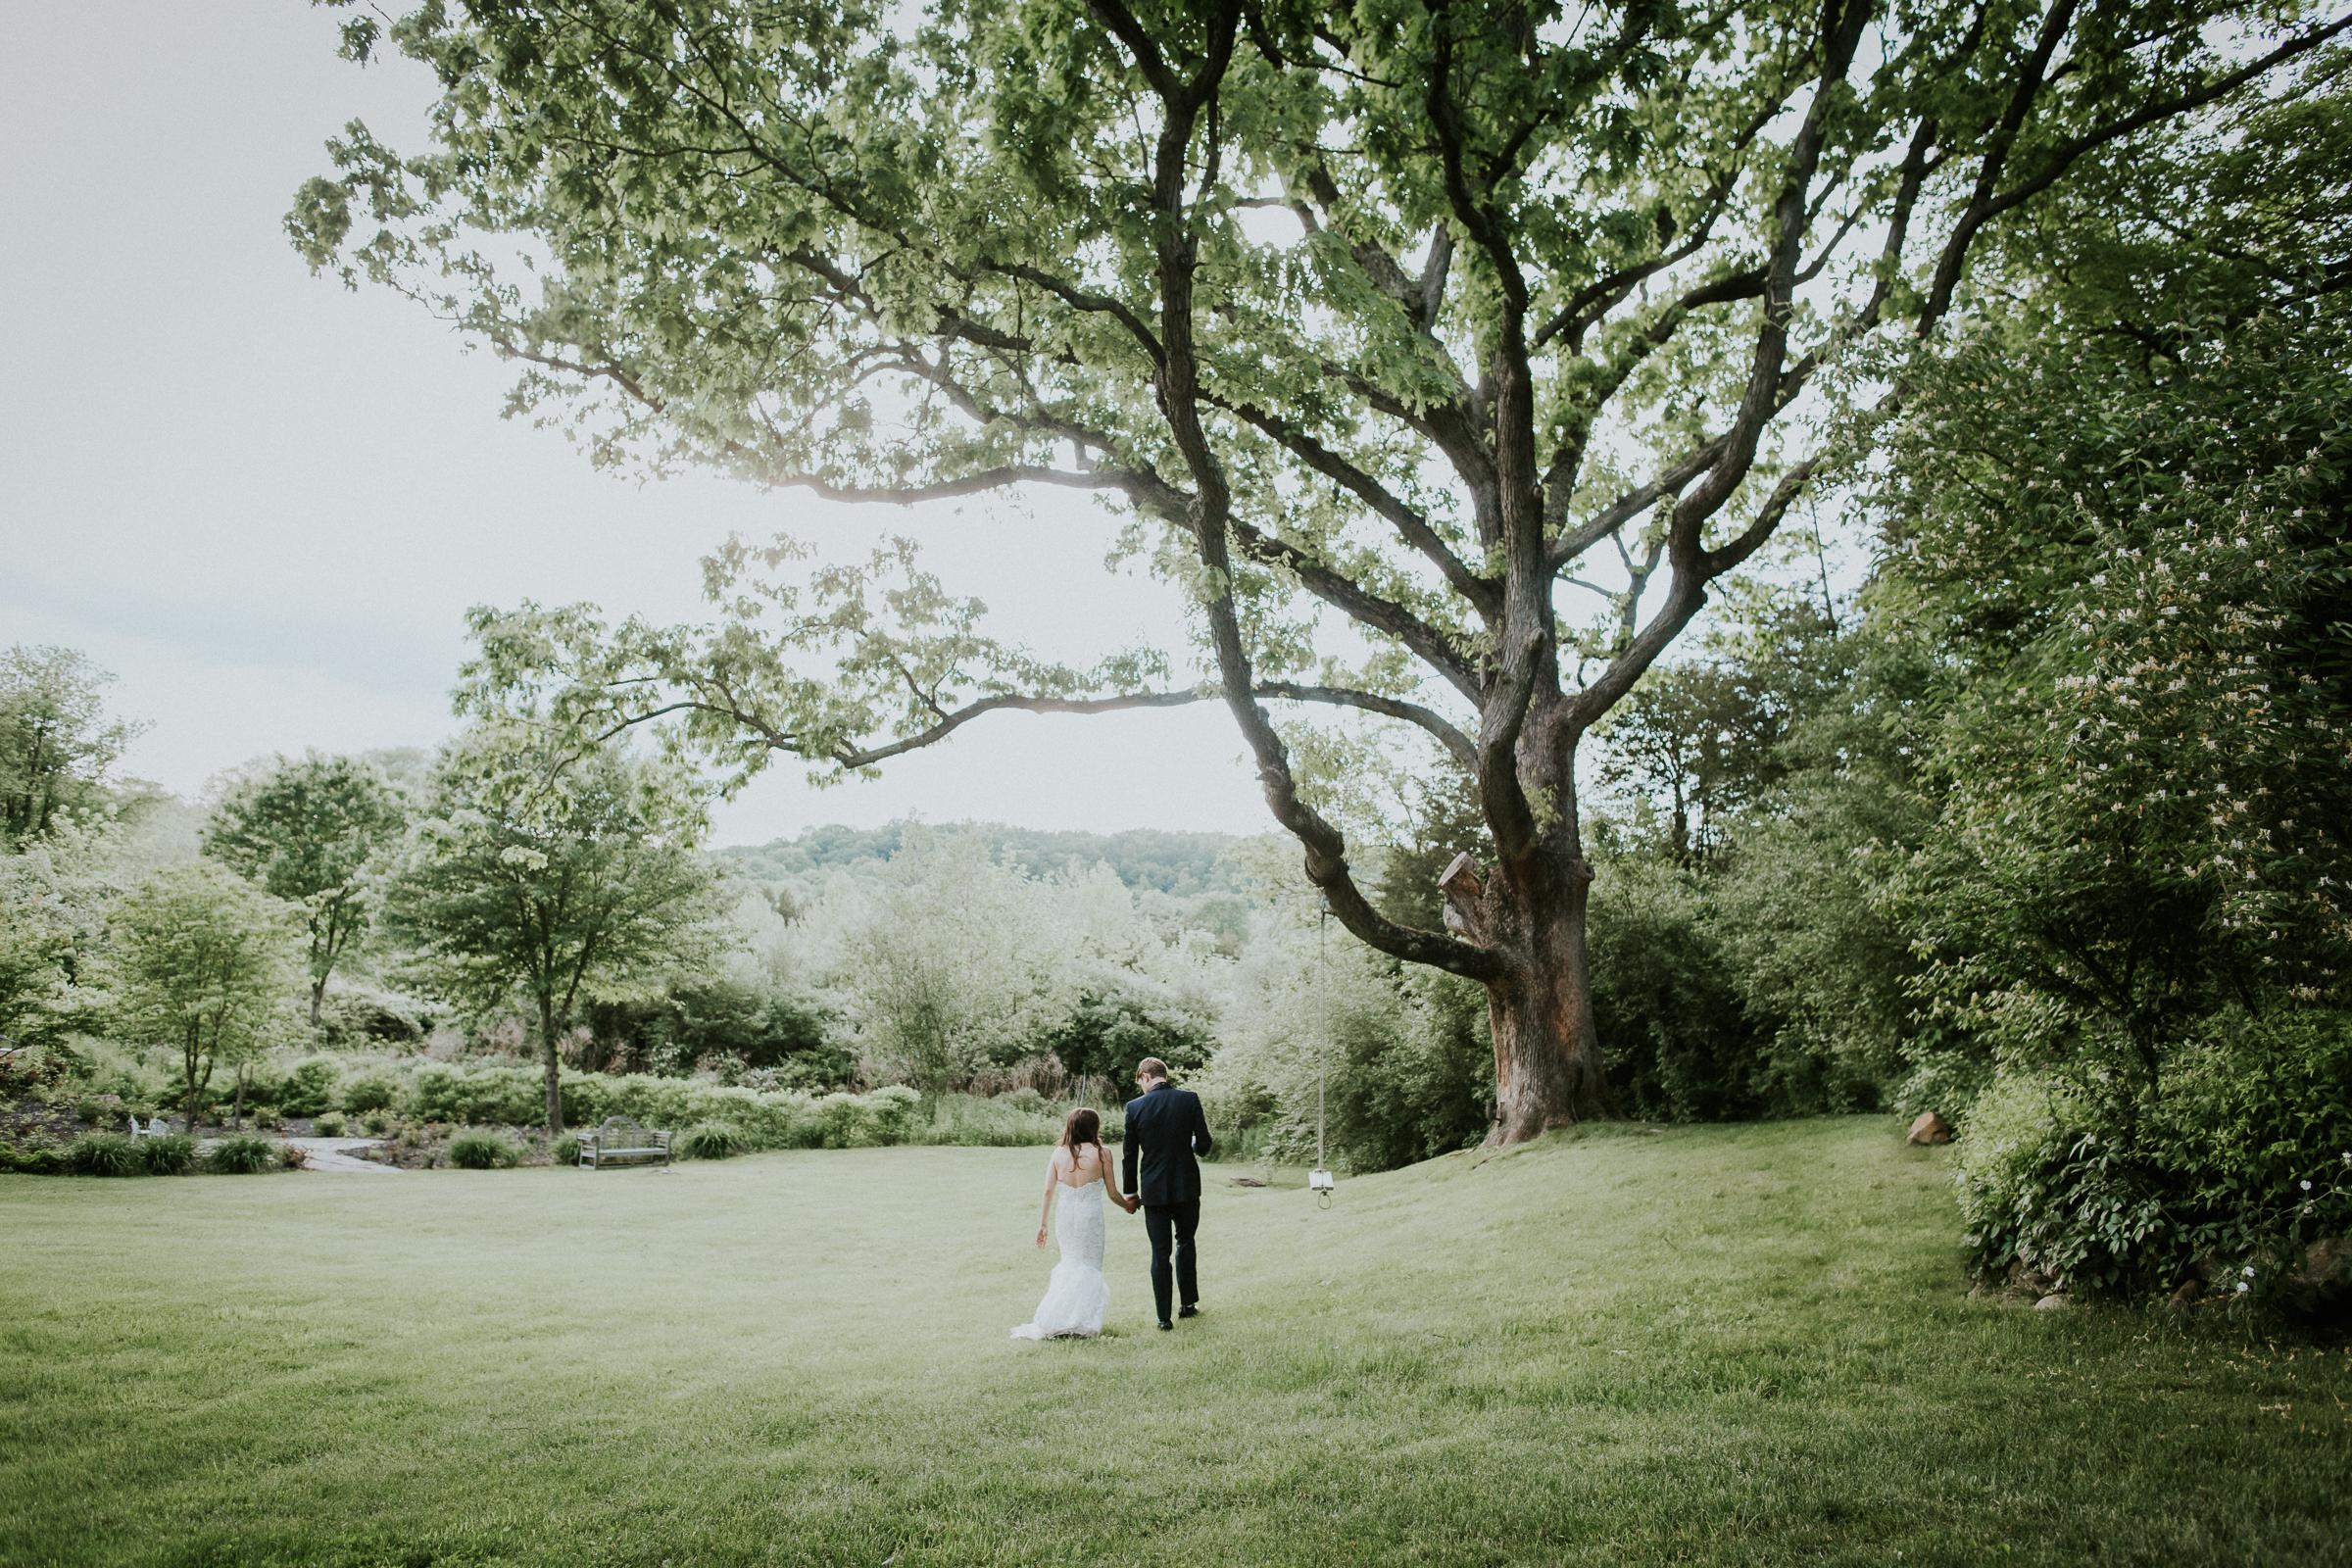 Crossed-Keys-Estate-Andover-NJ-Fine-Art-Documentary-Wedding-Photographer-129.jpg